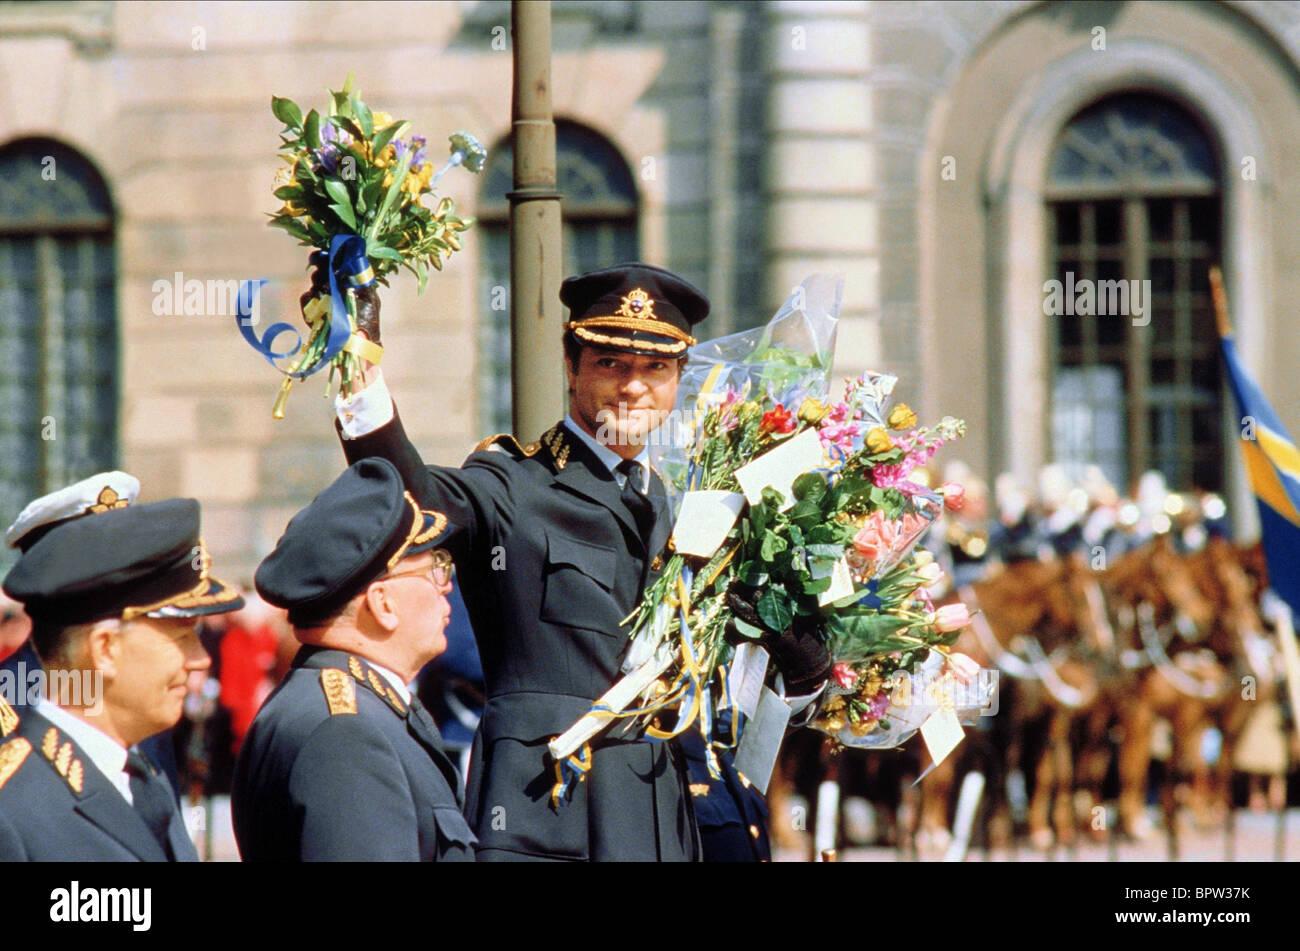 CARL XVI GUSTAF OF SWEDEN KING OF SWEDEN 01 June 1970 - Stock Image